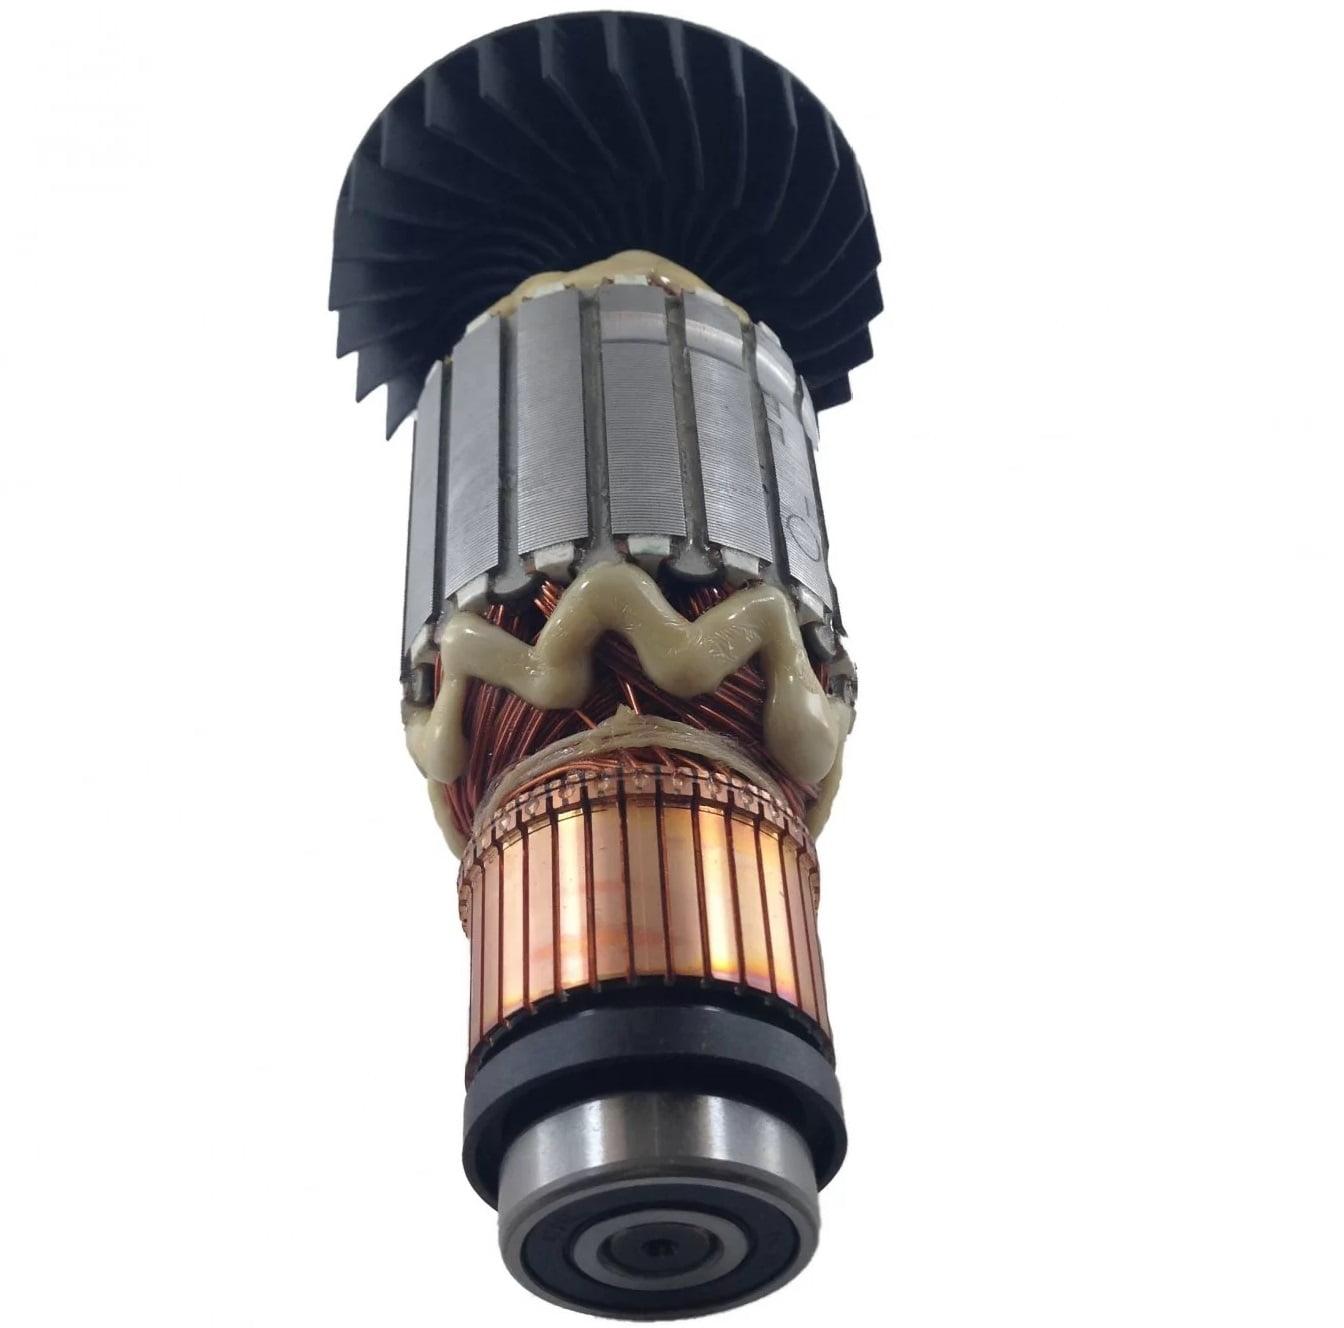 Induzido Rotor 220V para Esmerilhadeira Makita GA7020 - 517793-7